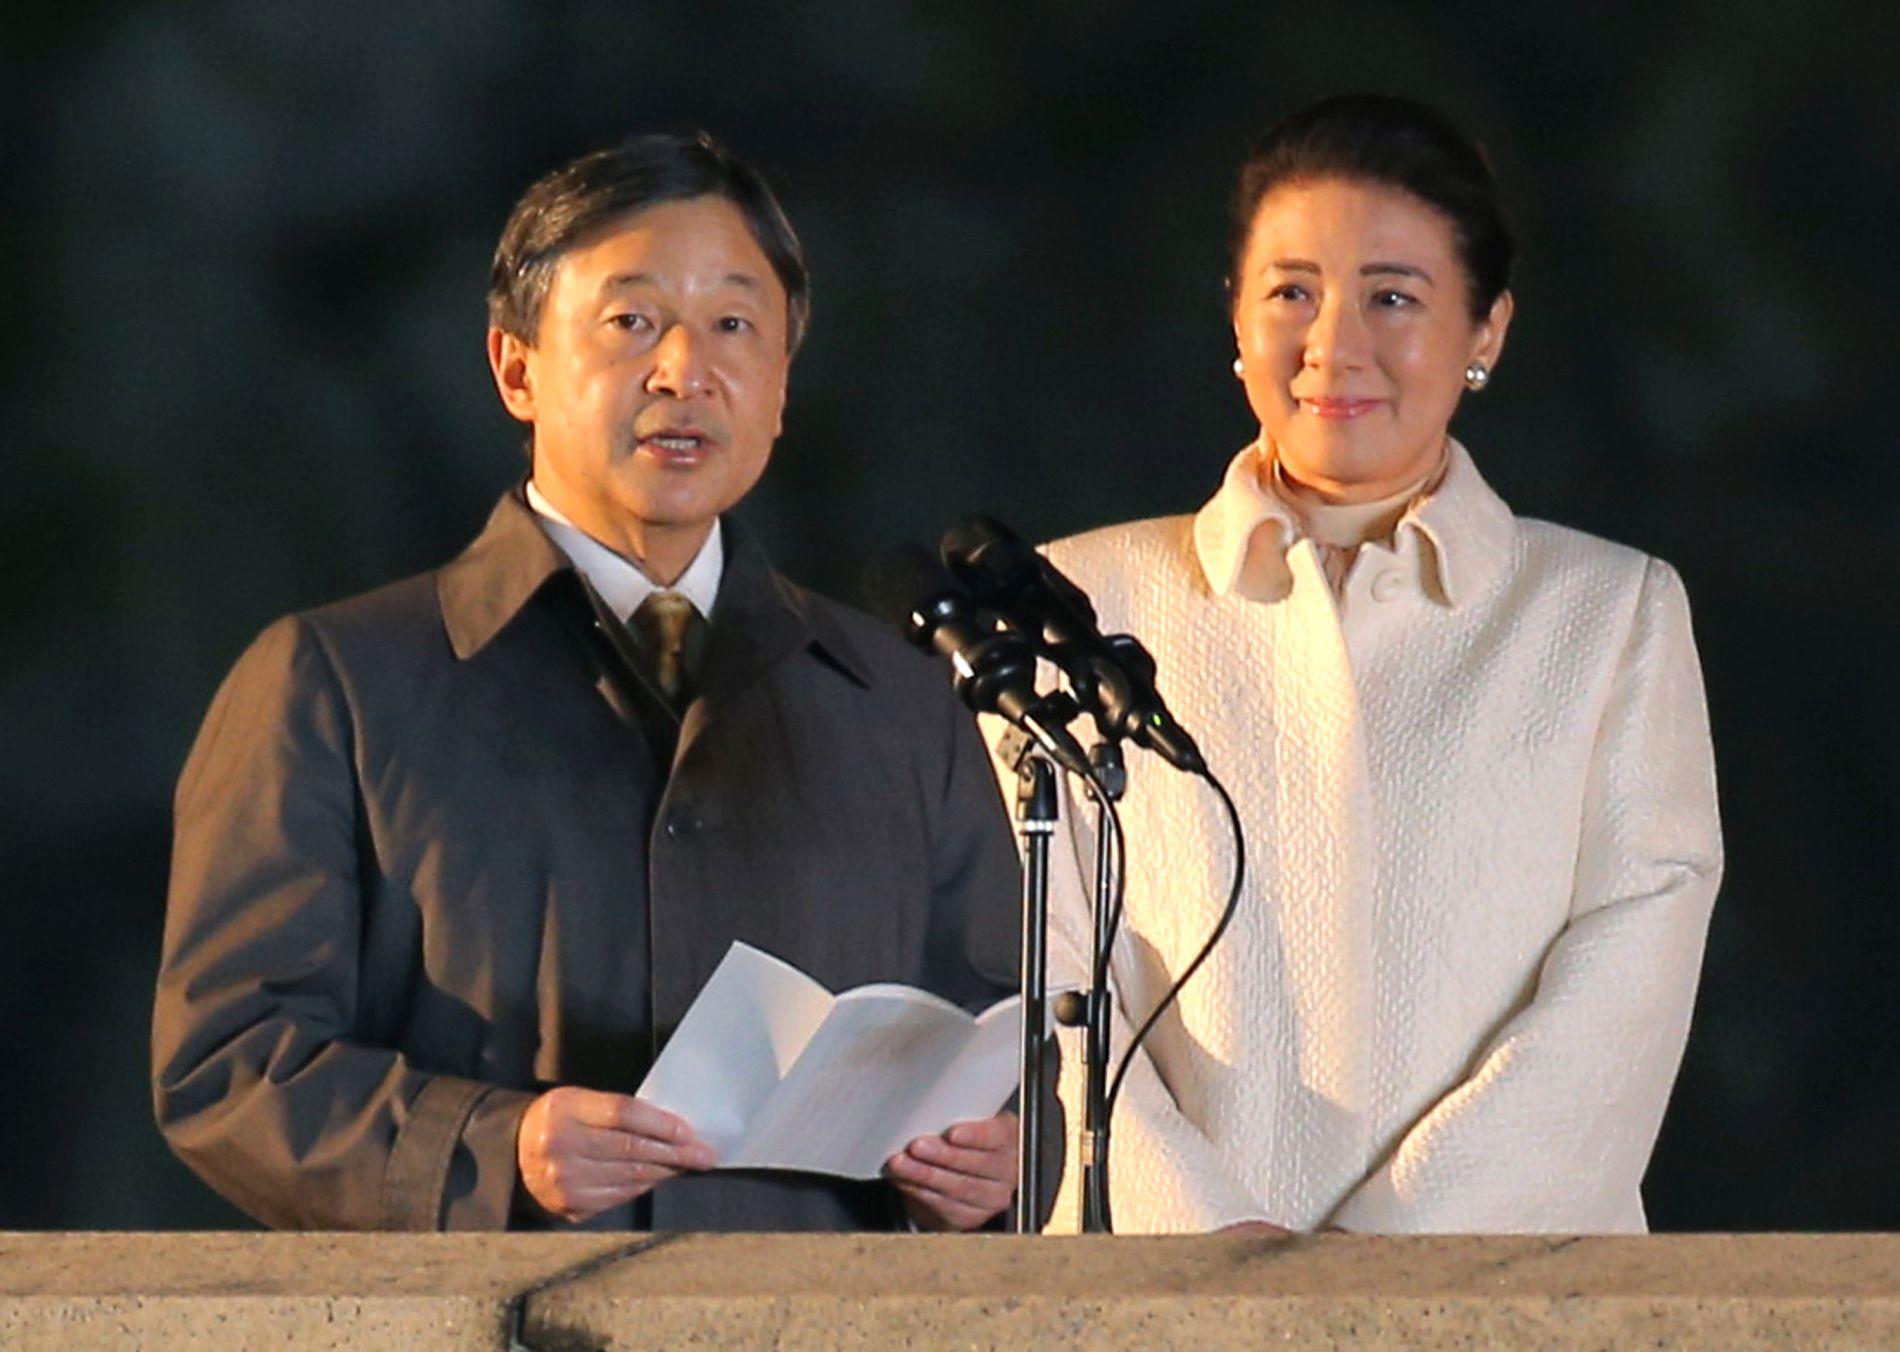 Japan Enthronement of Emperor National Celebration Festival in Tokyo